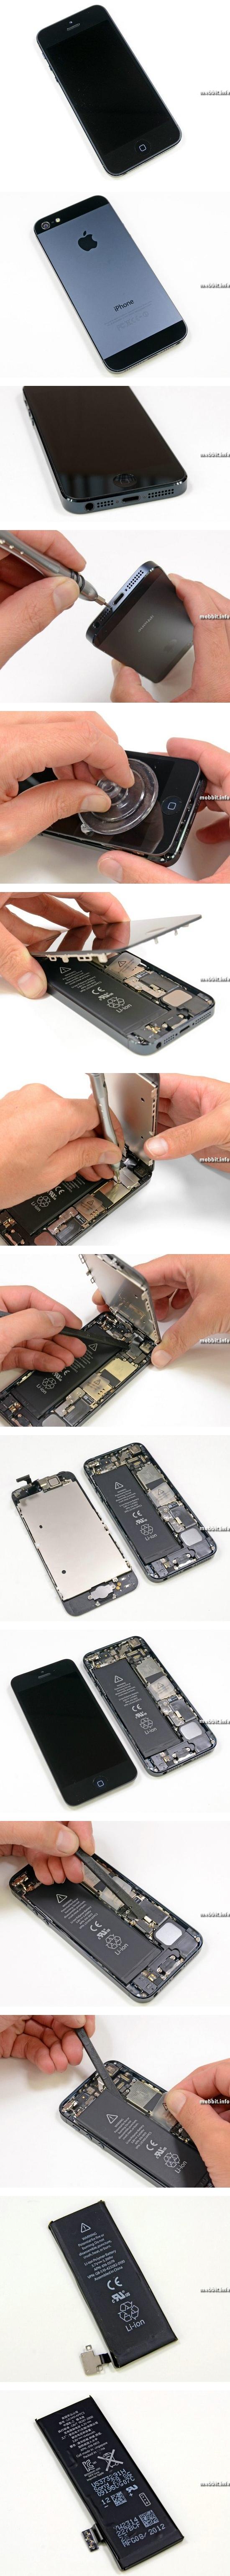 iPhone 5 разобран по частям